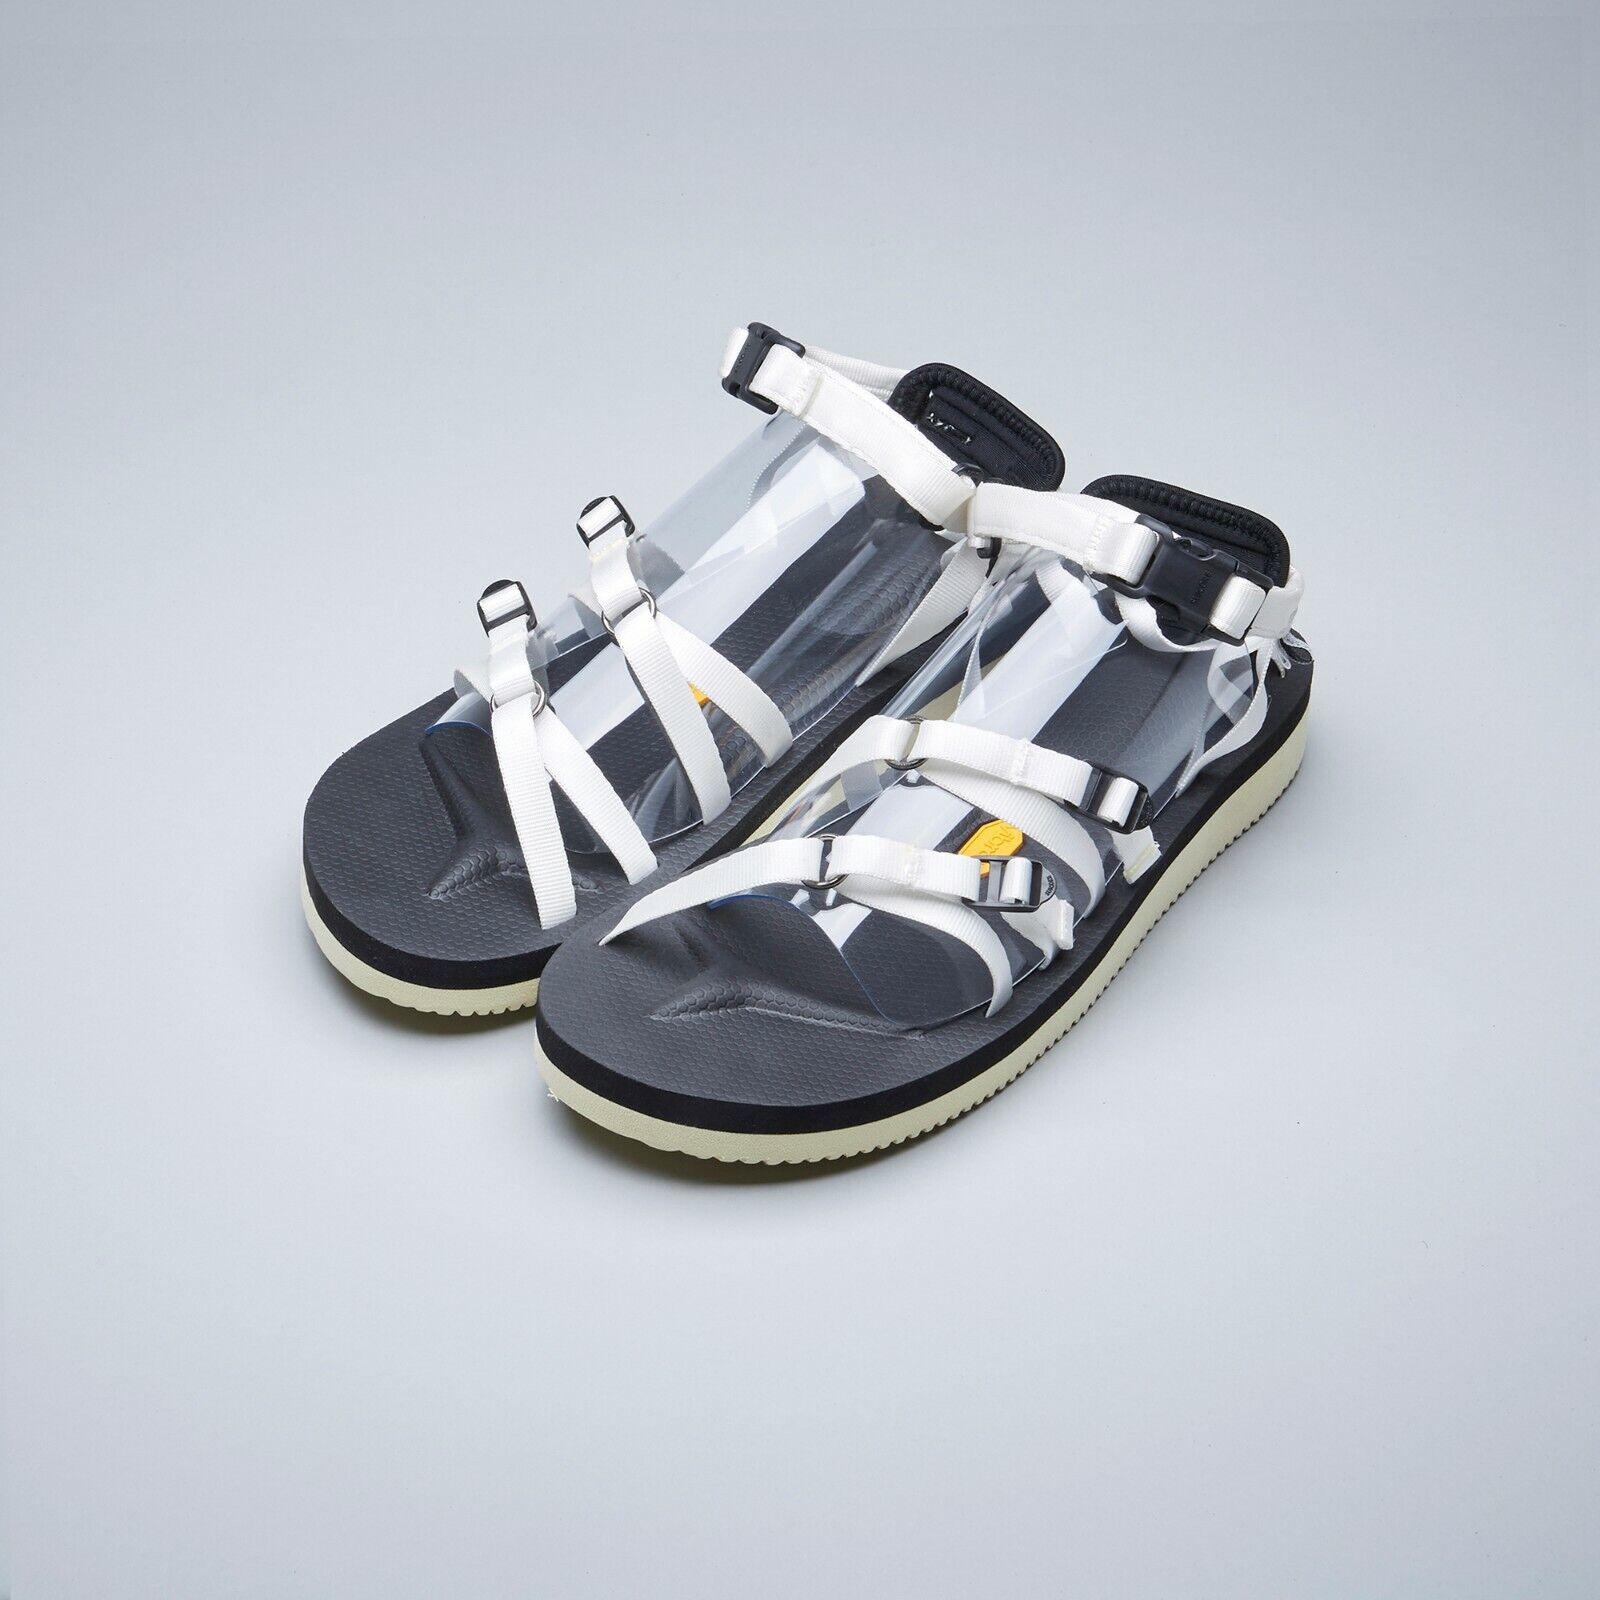 Suicoke SS19 OG-050V   TOSSHI-V blanco Vibram adjustable Nylon Tapes Sandals